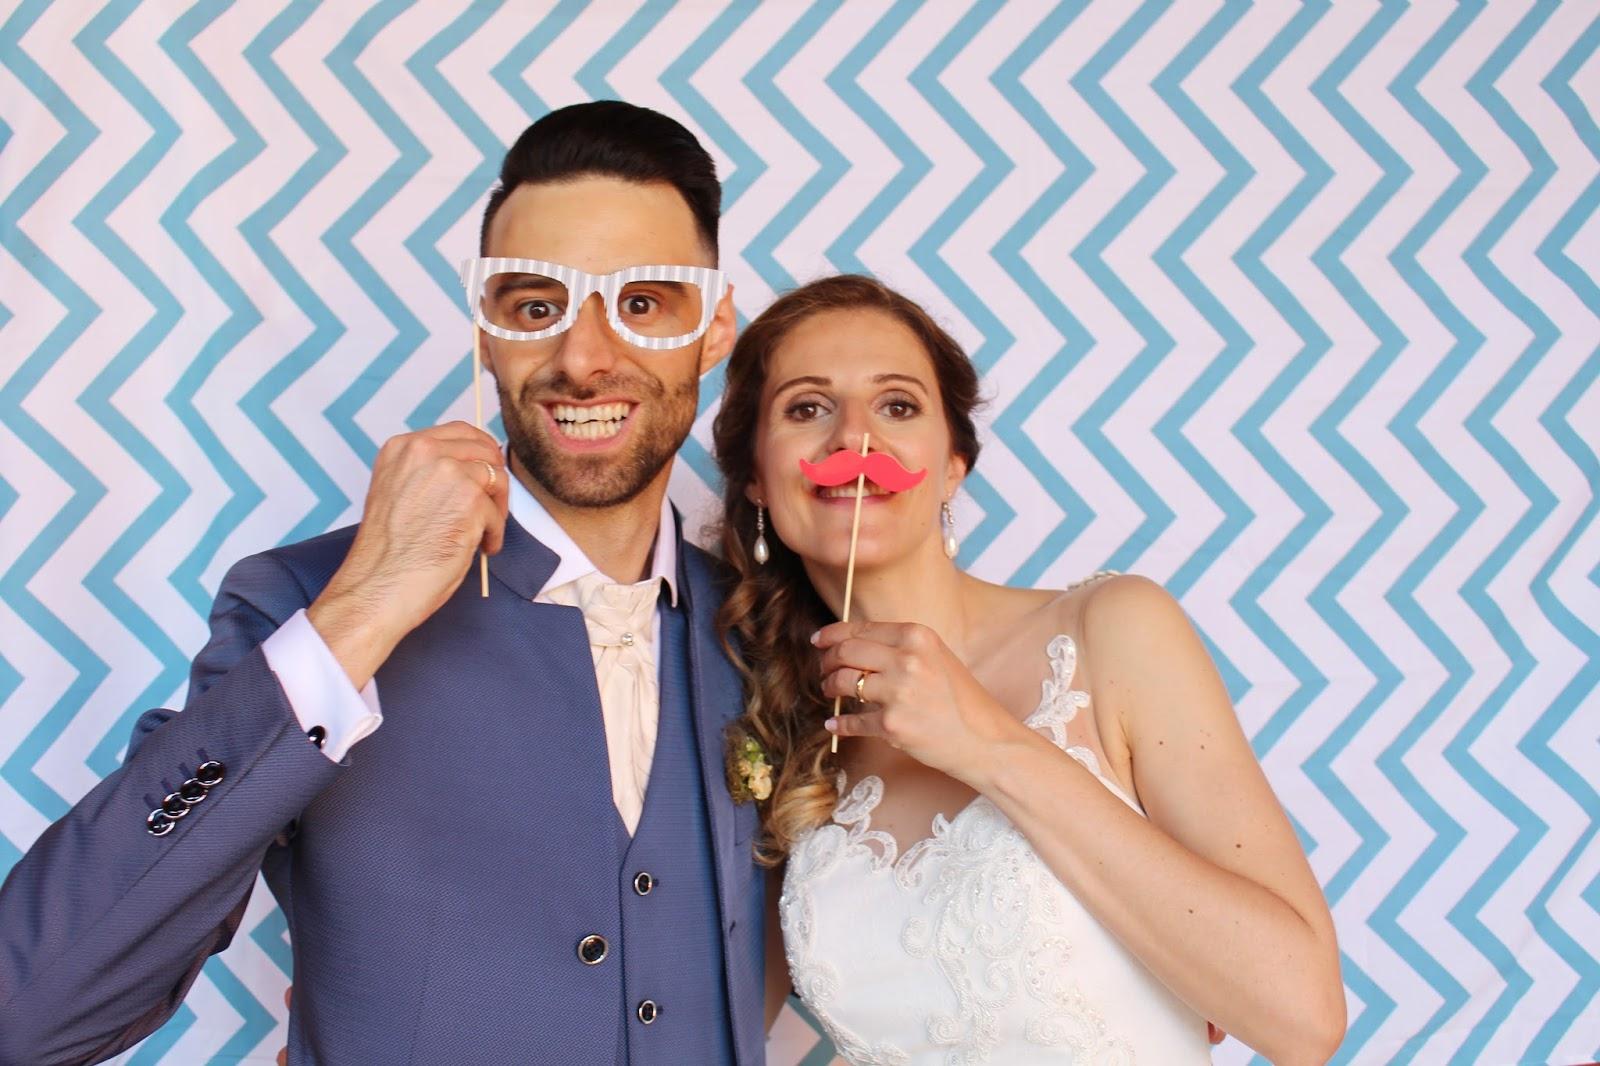 http://www.ilblogdisposamioggi.com/2017/10/erbe-aromatiche-e-forme-geometriche-per-un-real-wedding-giovane-e-divertente.html